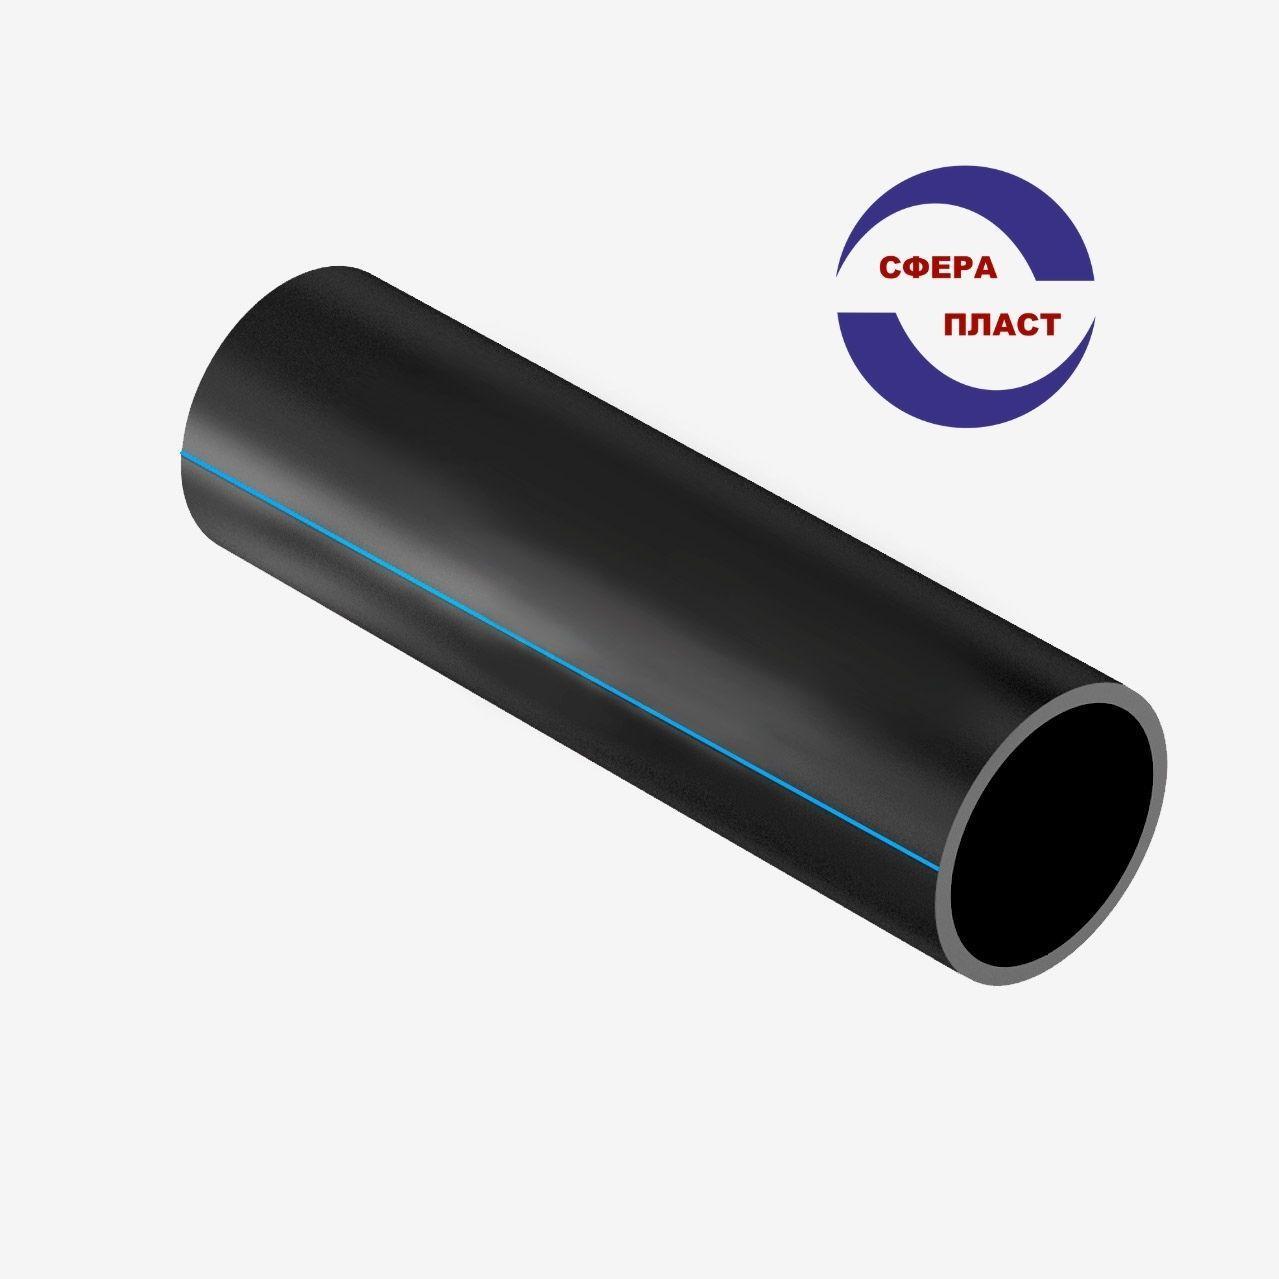 Труба Ду-63x4,7 SDR13,6 (12,5 атм) полиэтиленовая ПЭ-100